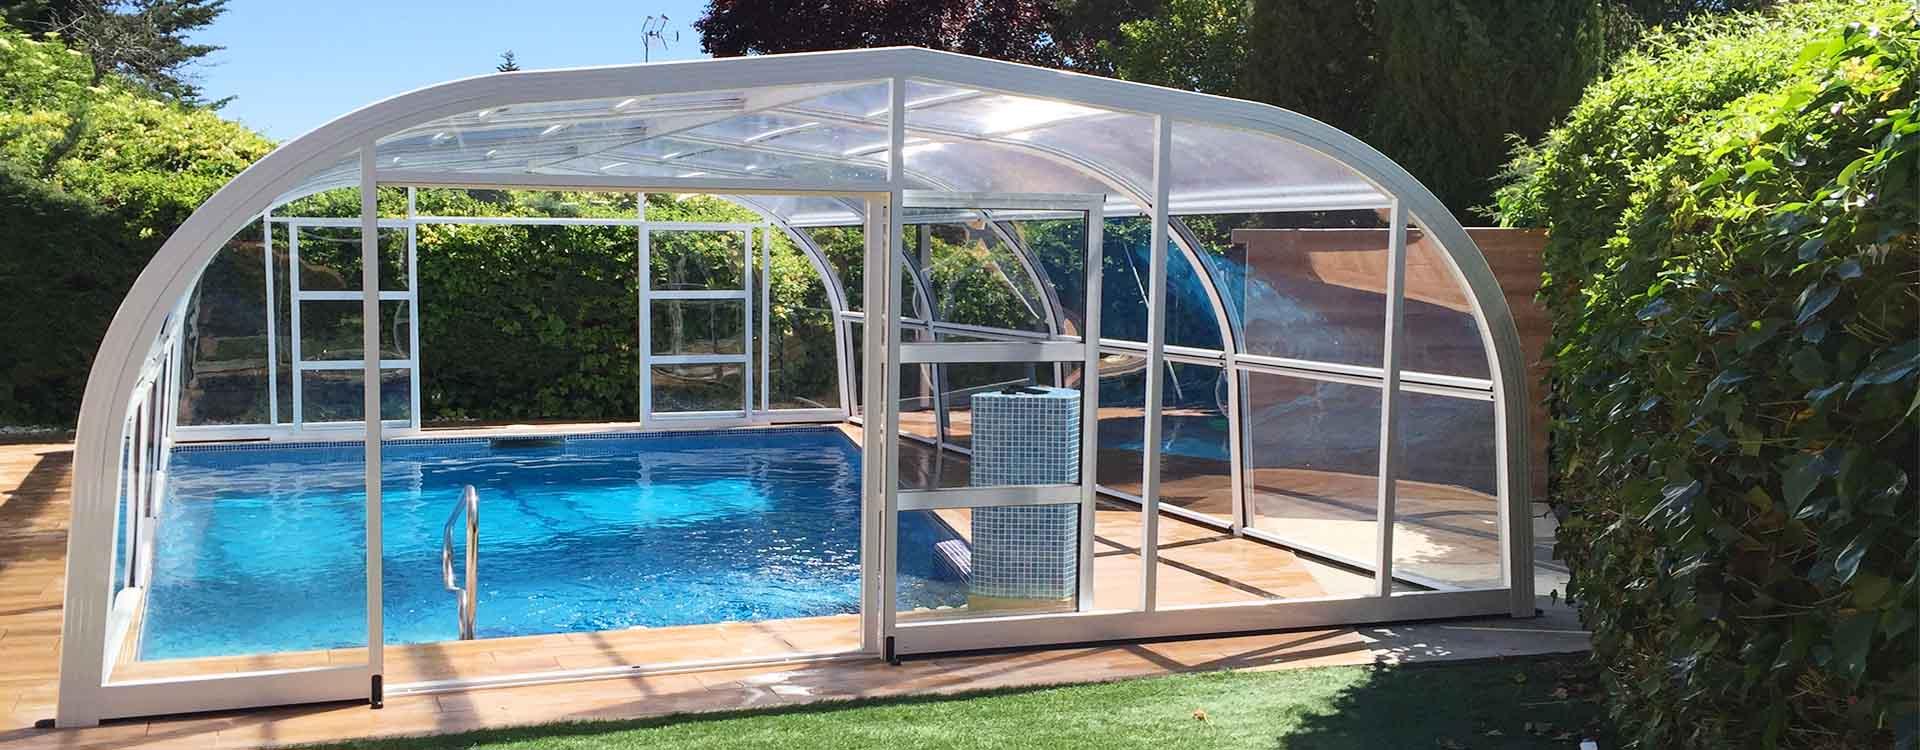 Cubiertas para piscinas al mejor precio cubriland - Piscinas cubiertas sevilla ...